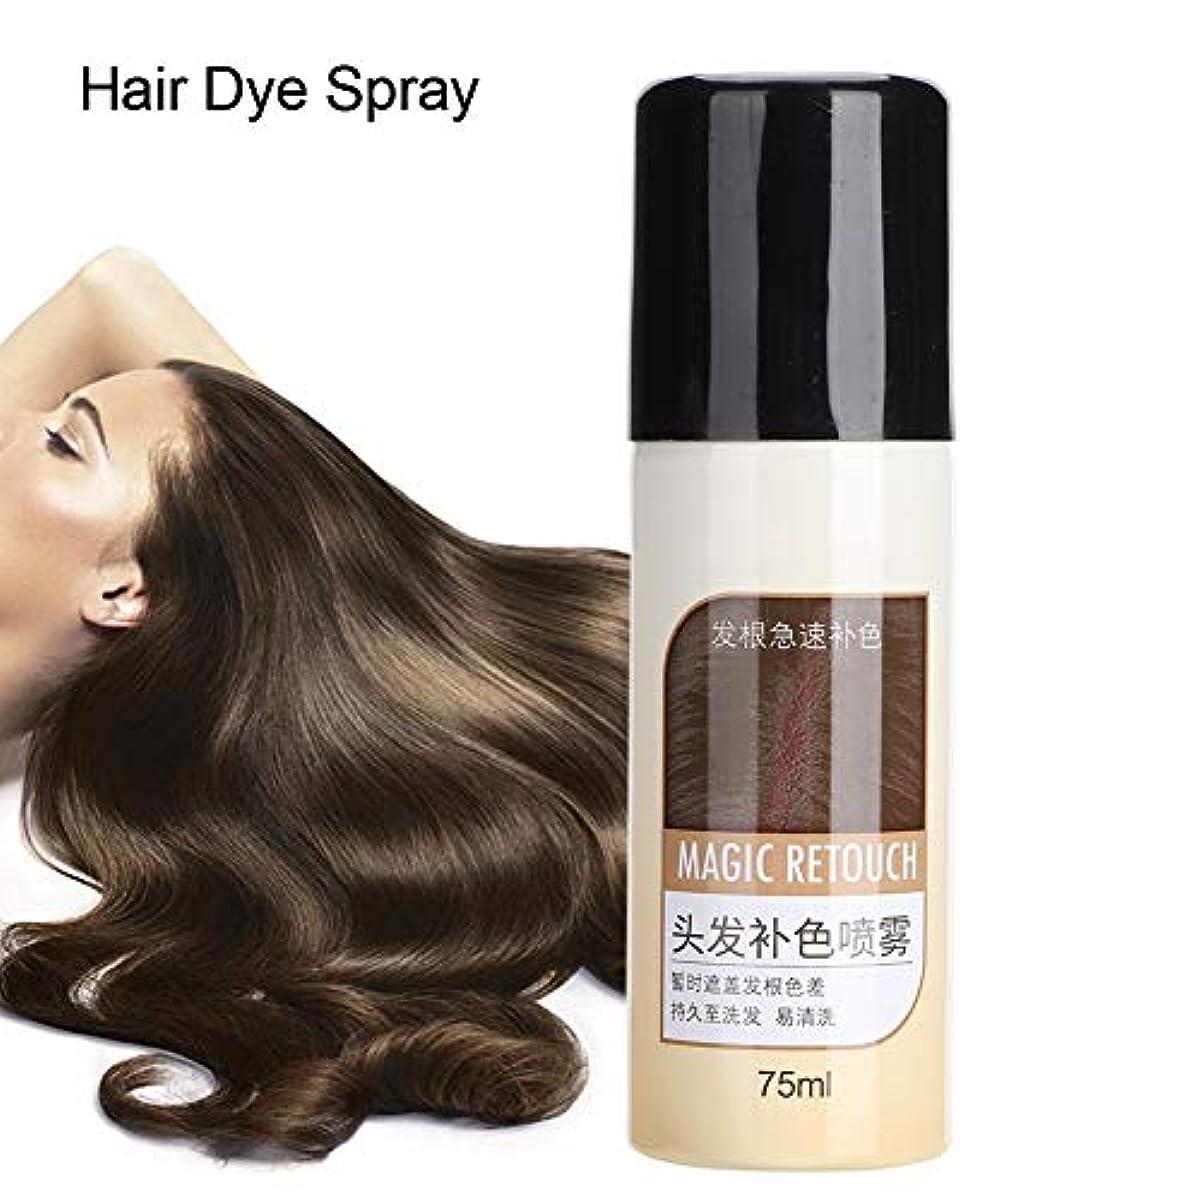 行う緊急分析するヘアダイ、べたつかないマットヘアスタイル栄養補給用洗えるスプレーカバー白髪用長続きするカラー染料750ml (#1)